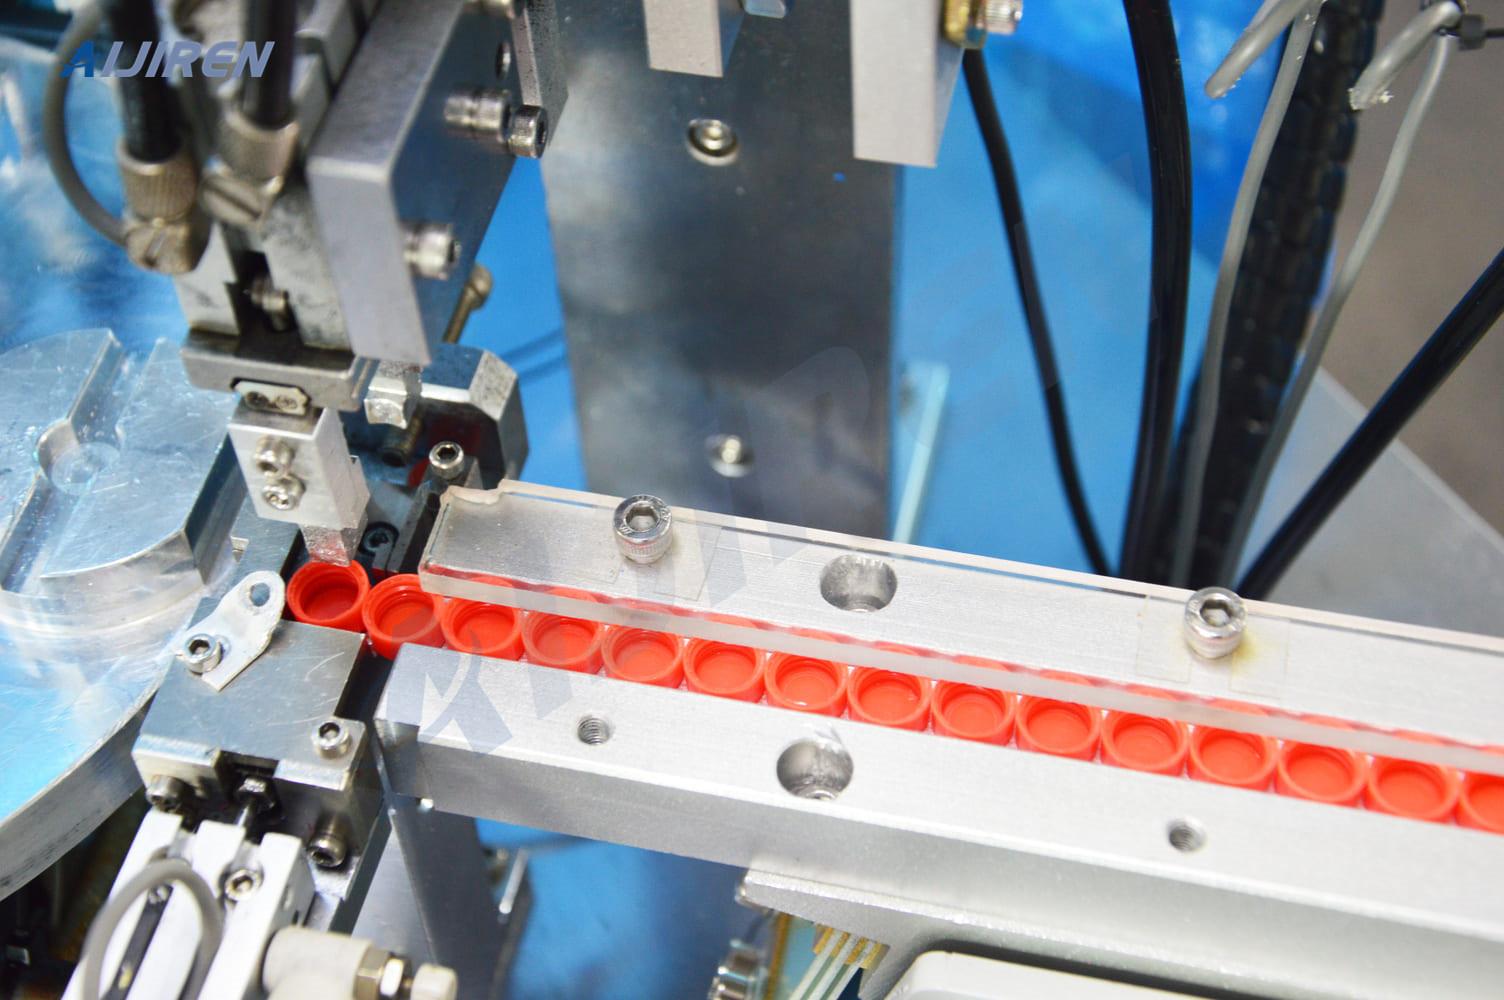 20ml headspace vial9mm Screw Thread Cap